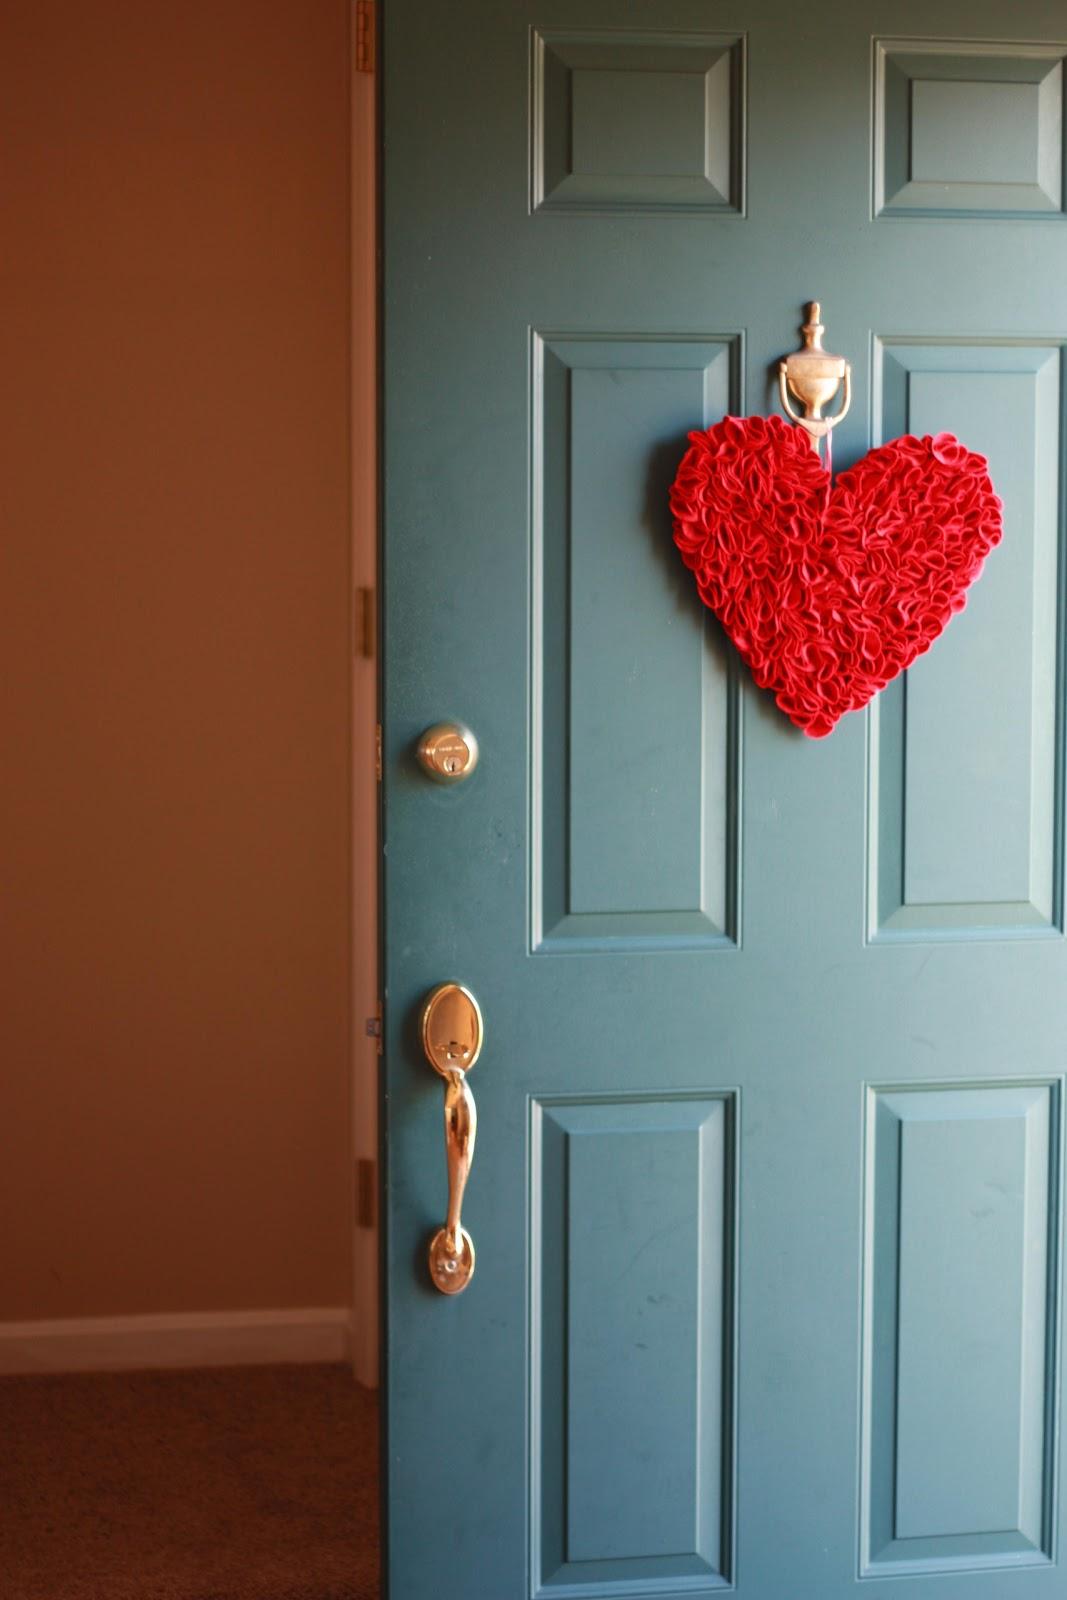 Felt Heart Door Decoration Tutorial & All In One Days Time: Felt Heart Door Decoration Tutorial